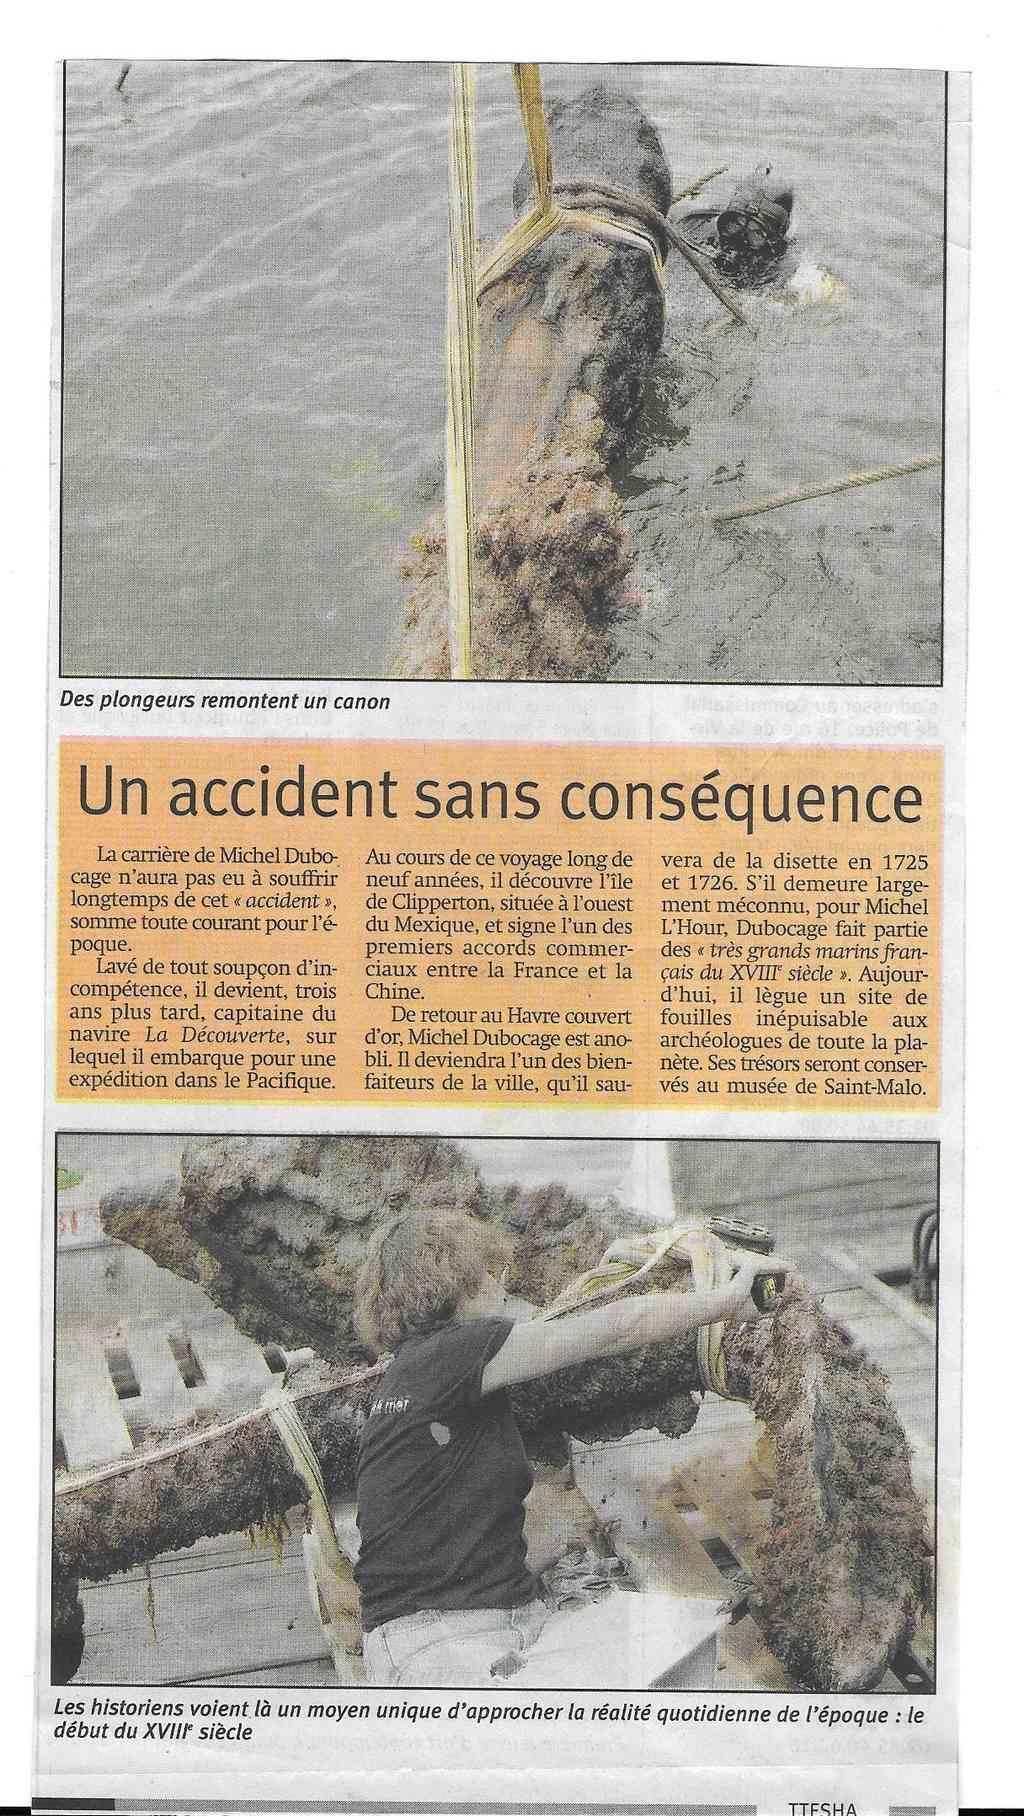 Histoire de bateaux - La Dauphine 325